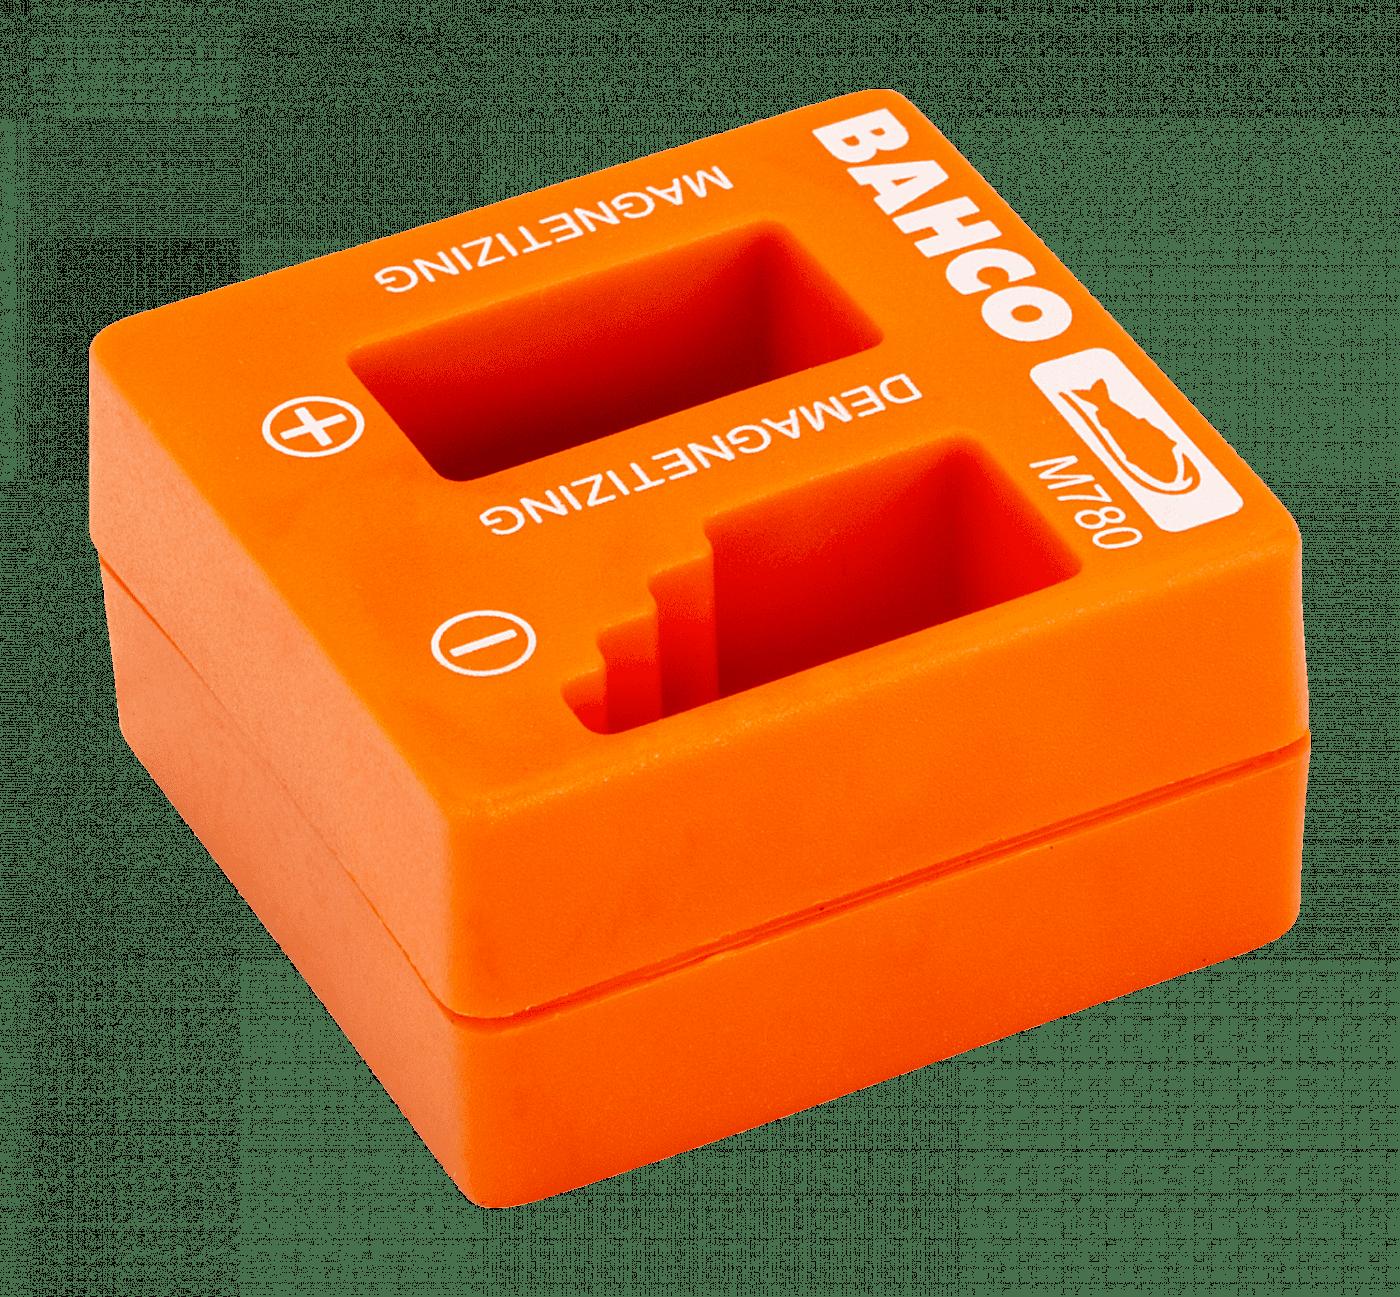 Magnetitzador - desmagnetitzador, 50X52X29 -